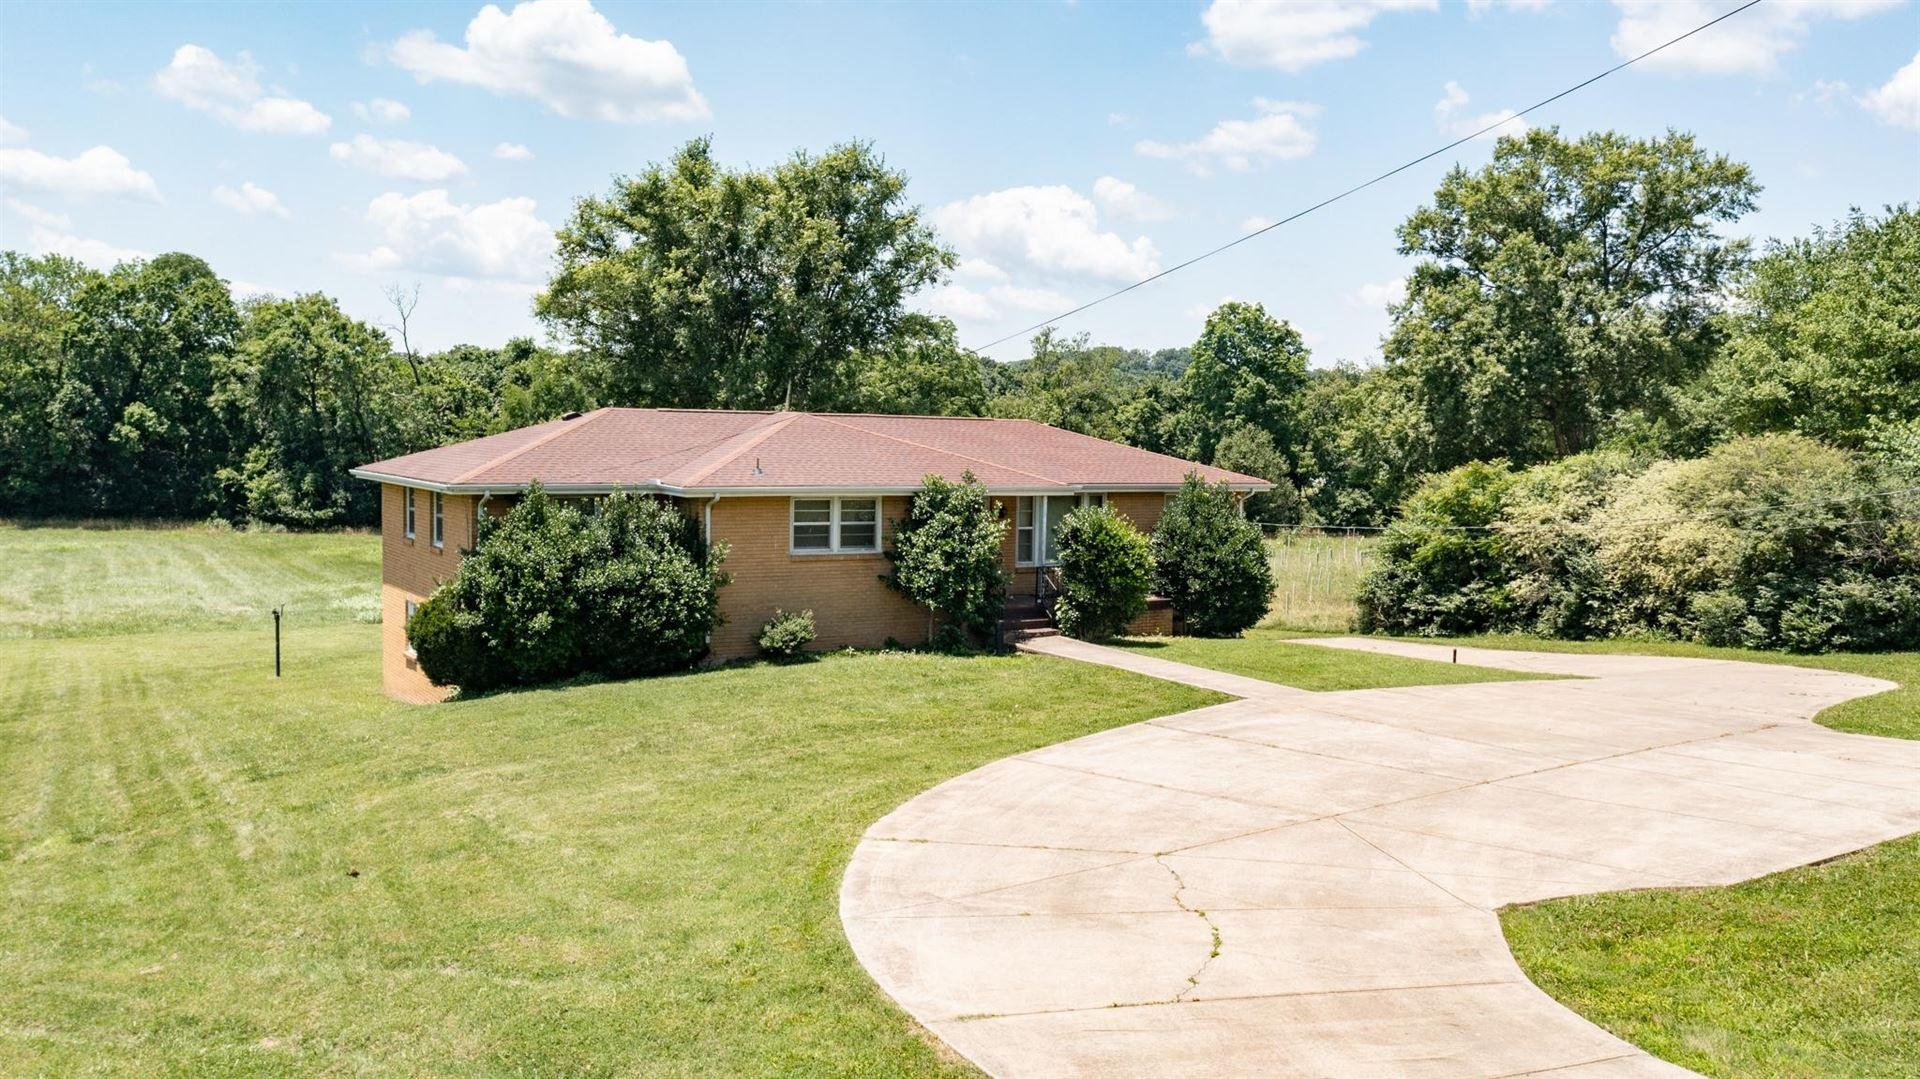 Photo of 6663 Nolensville Rd, Brentwood, TN 37027 (MLS # 2263547)